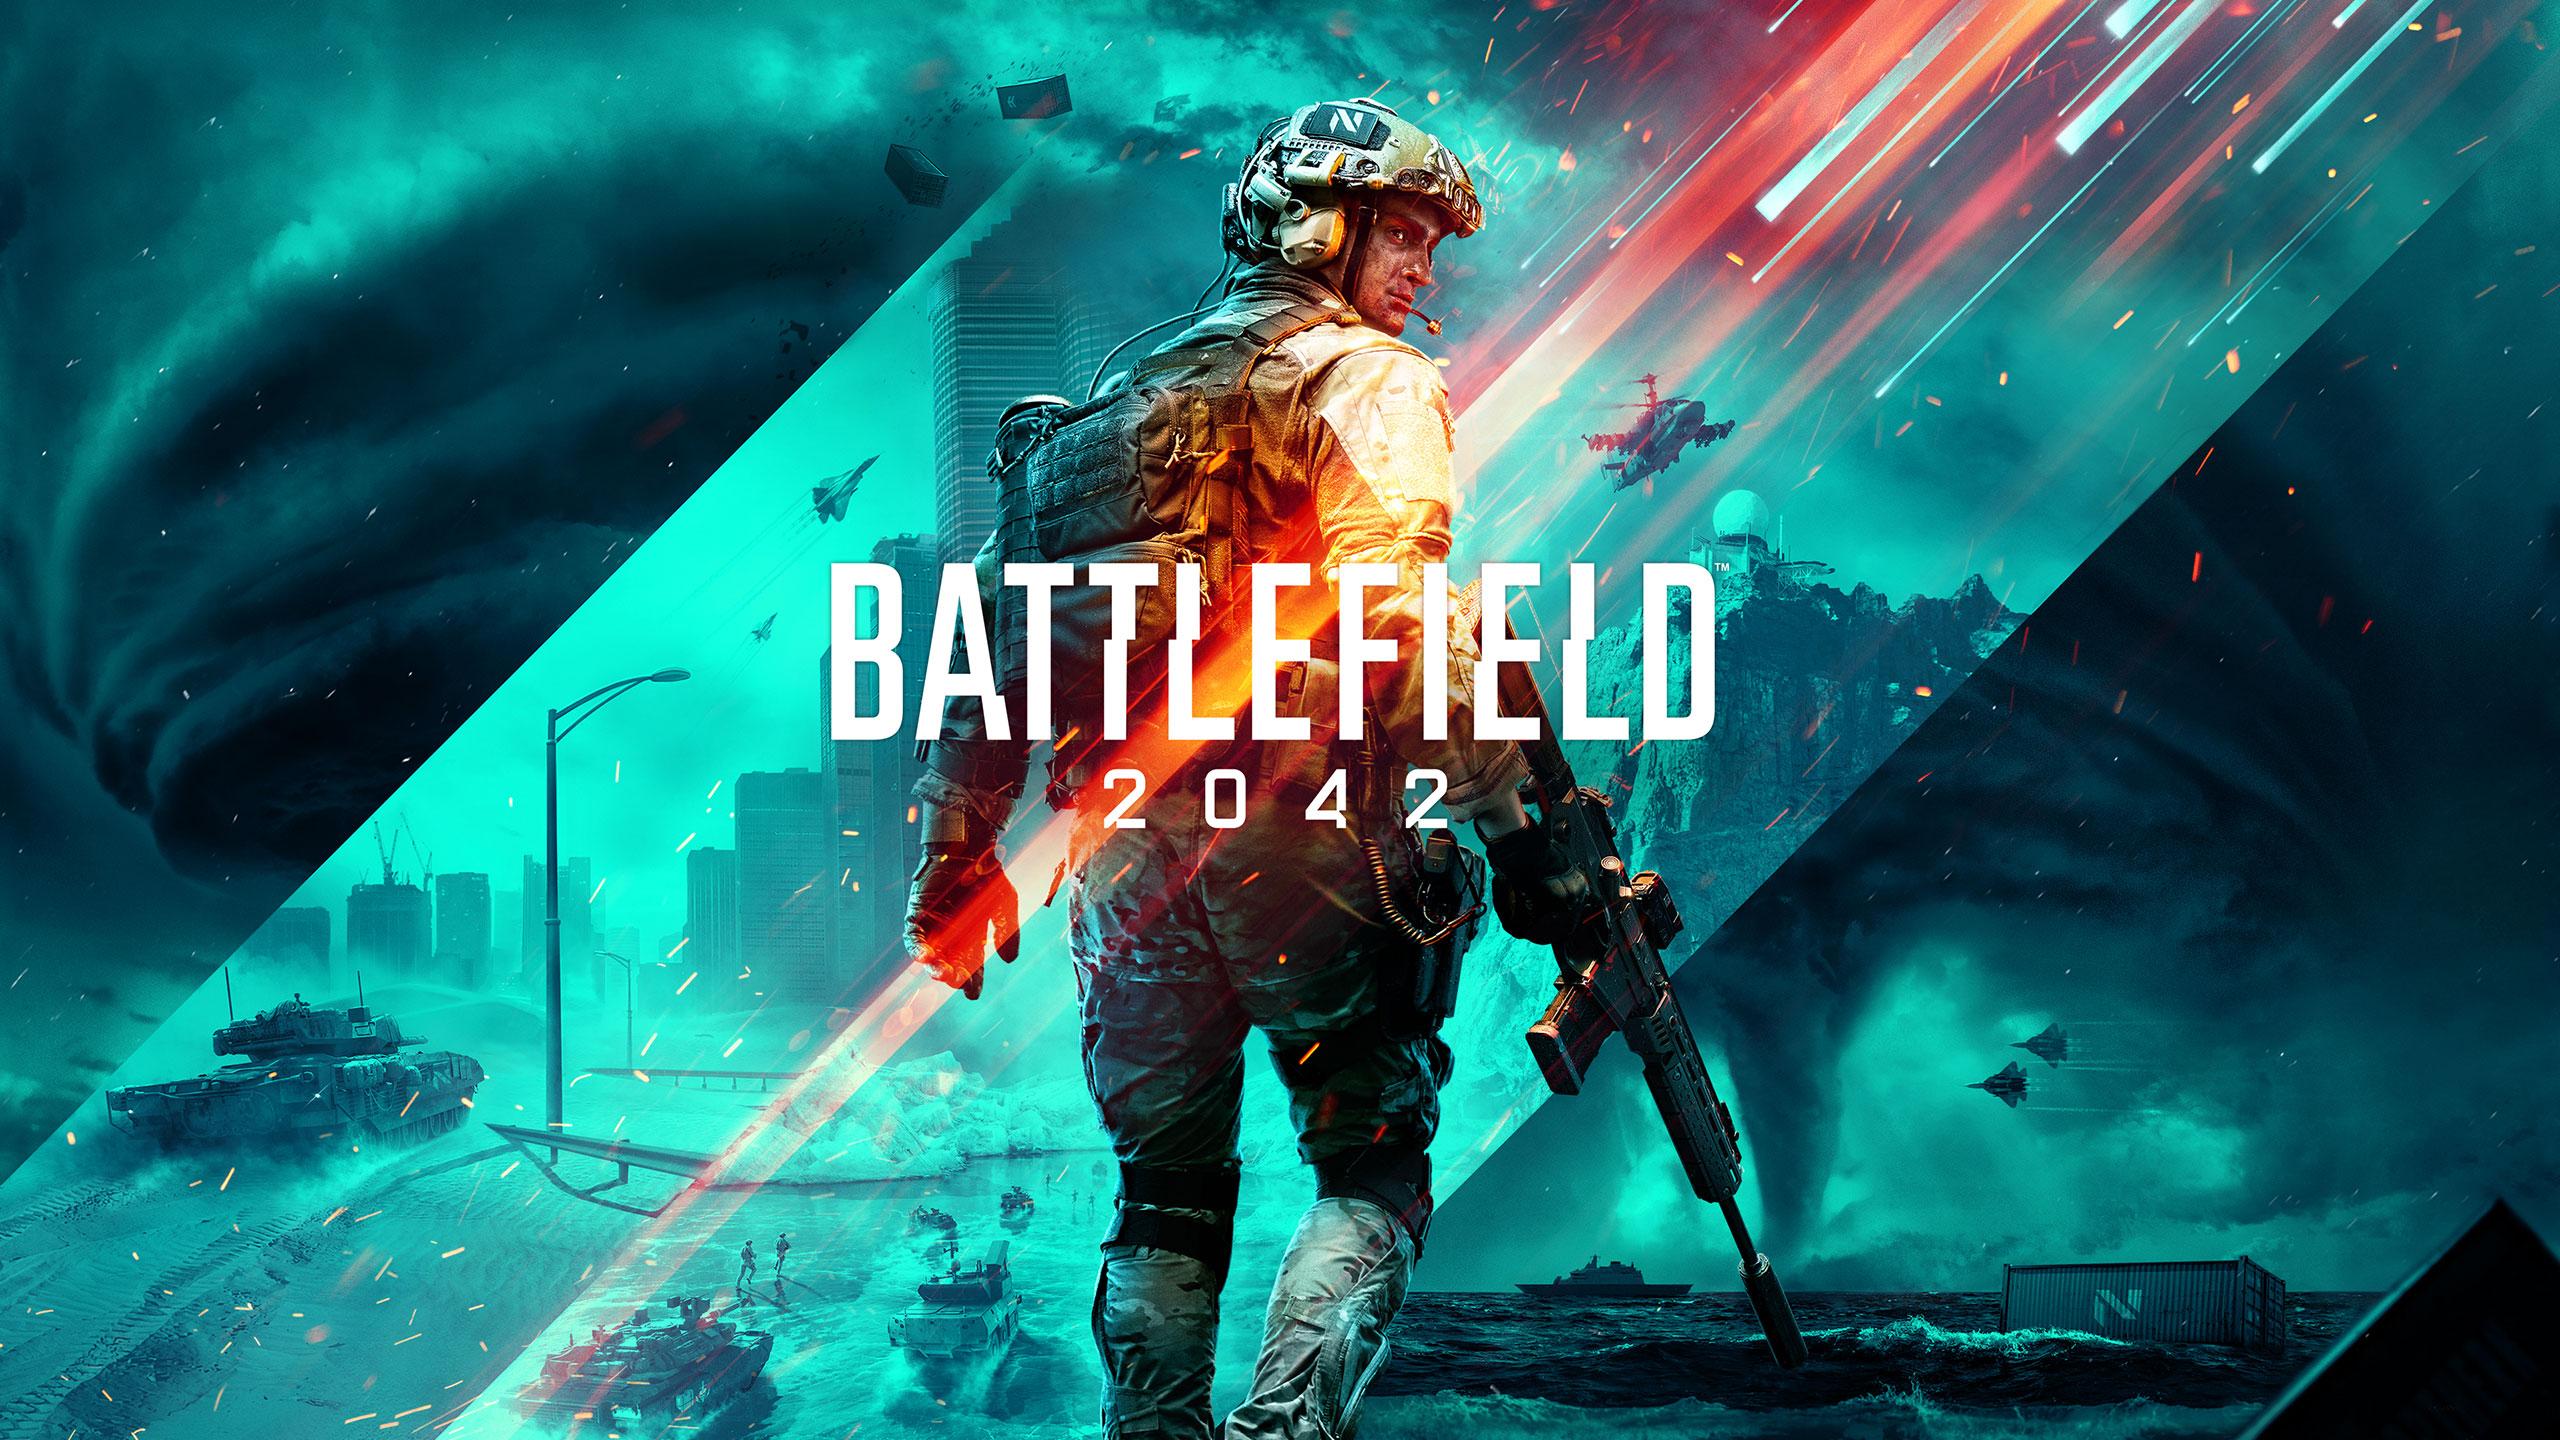 รอกันต่อไป!! DICE ประกาศเลื่อนวางจำหน่าย Battlefield 2042 ออกไปอีก 1 เดือน เป็นวันที่ 19 พฤศจิกายนนี้